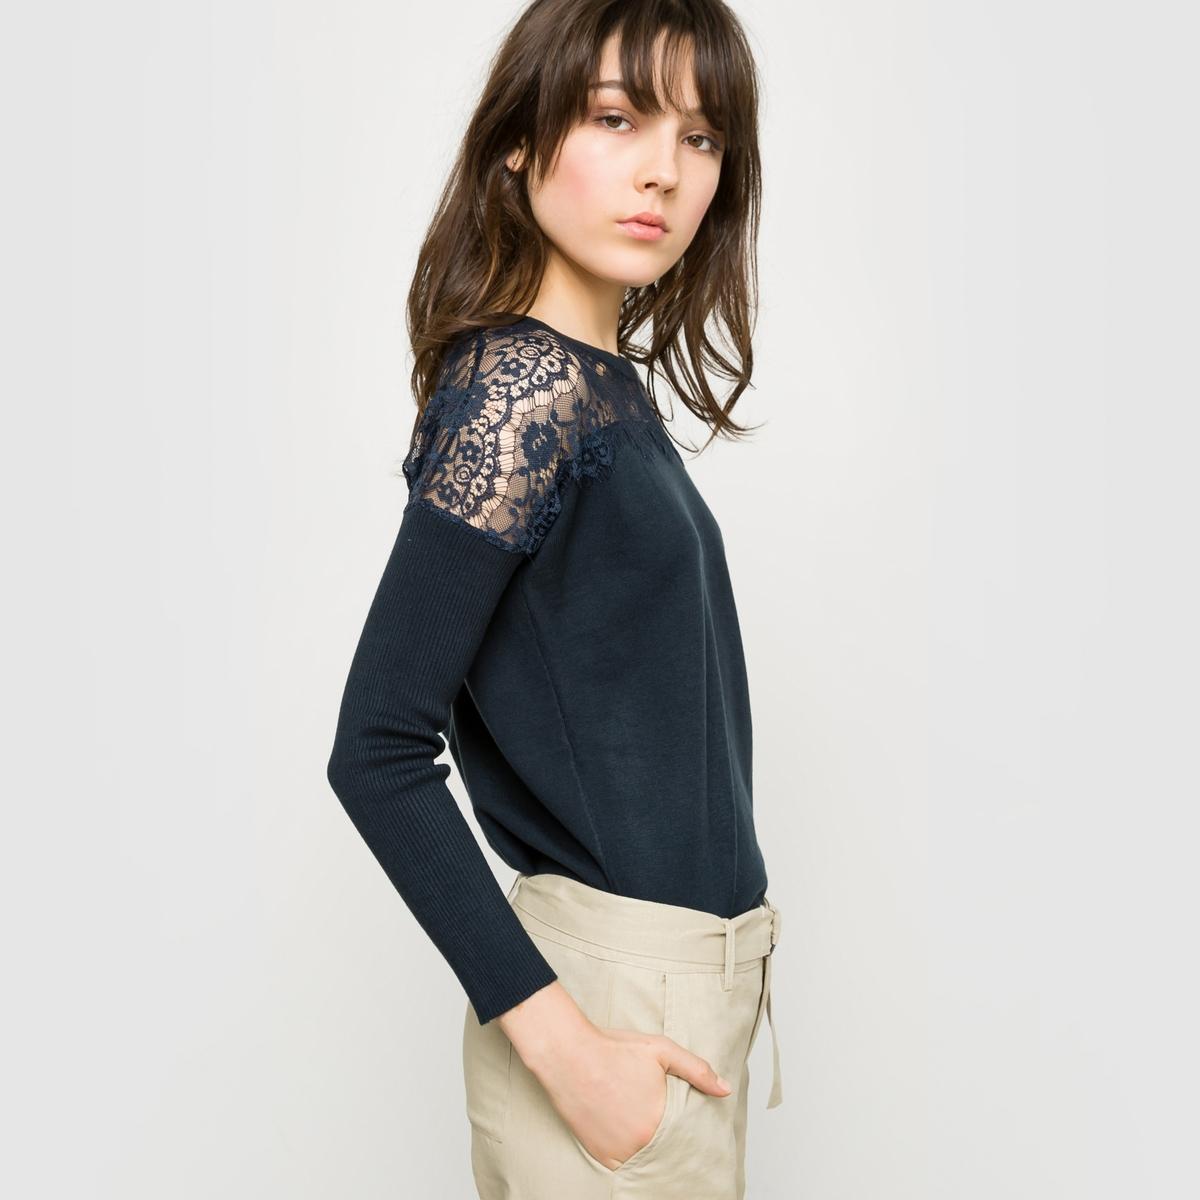 Пуловер с круглым вырезом и кружевной вышивкой